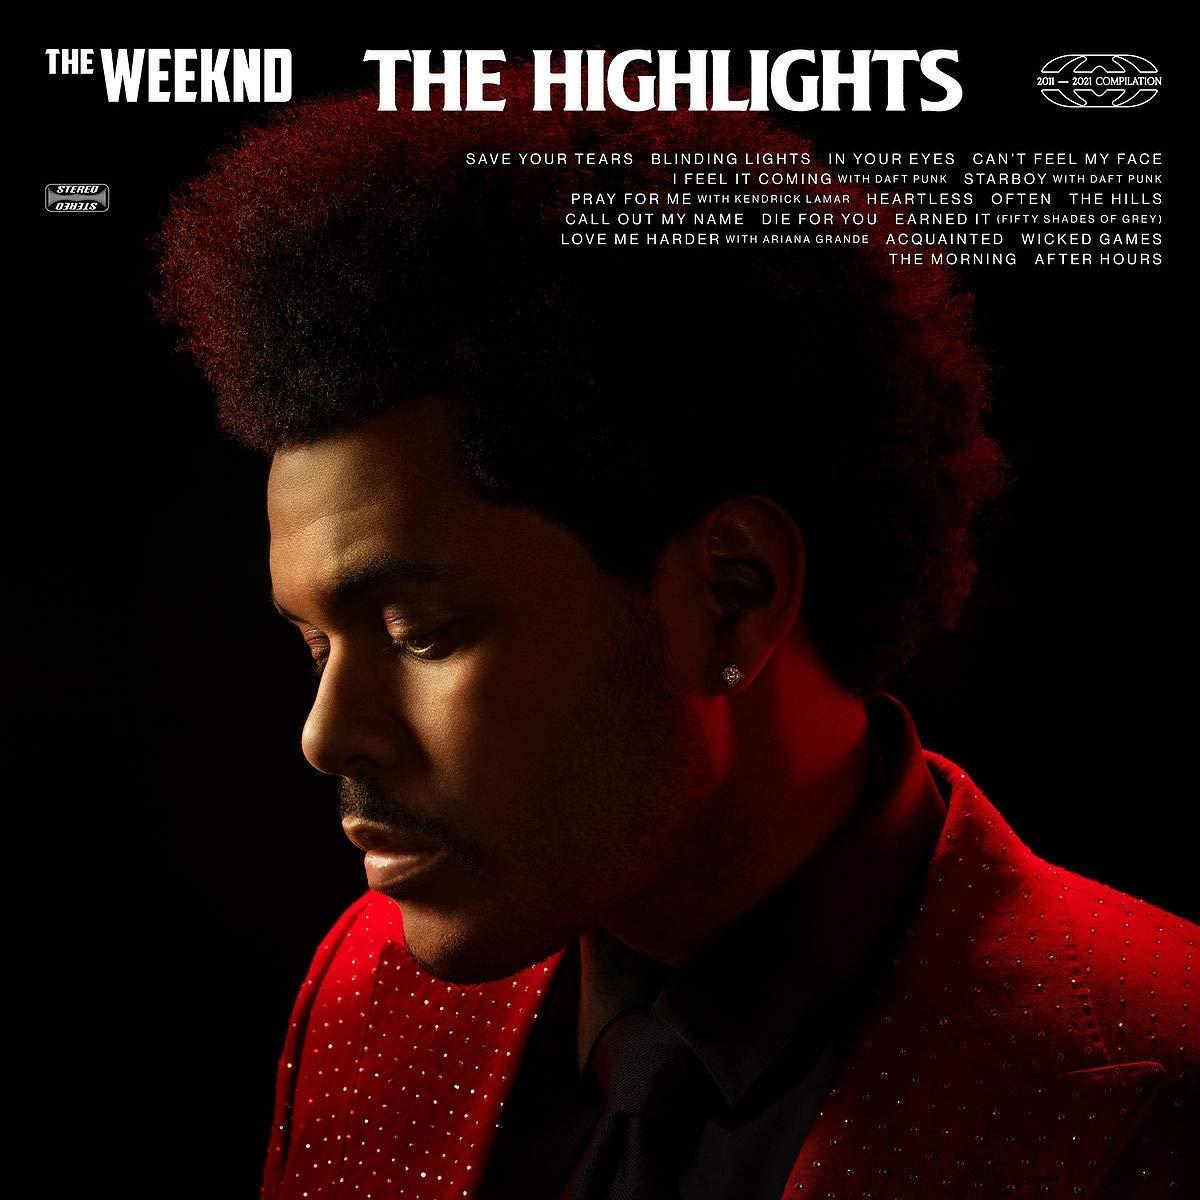 Capa do CD The Highlights. Fotografia quadrada com fundo preto. O perfil de The Weeknd está localizado no centro do quadro. Um homem negro de cabelo crespo. Ele veste um paletó vermelho vivo, cravejado de brilhantes. A luz é quase inexistente, iluminando principalmente sua testa, nariz e queixo e fazendo o contorno de seu corpo. Na parte superior está escrito: The Weeknd, The Highlights, tem o selo da gravadora e as músicas do álbum.